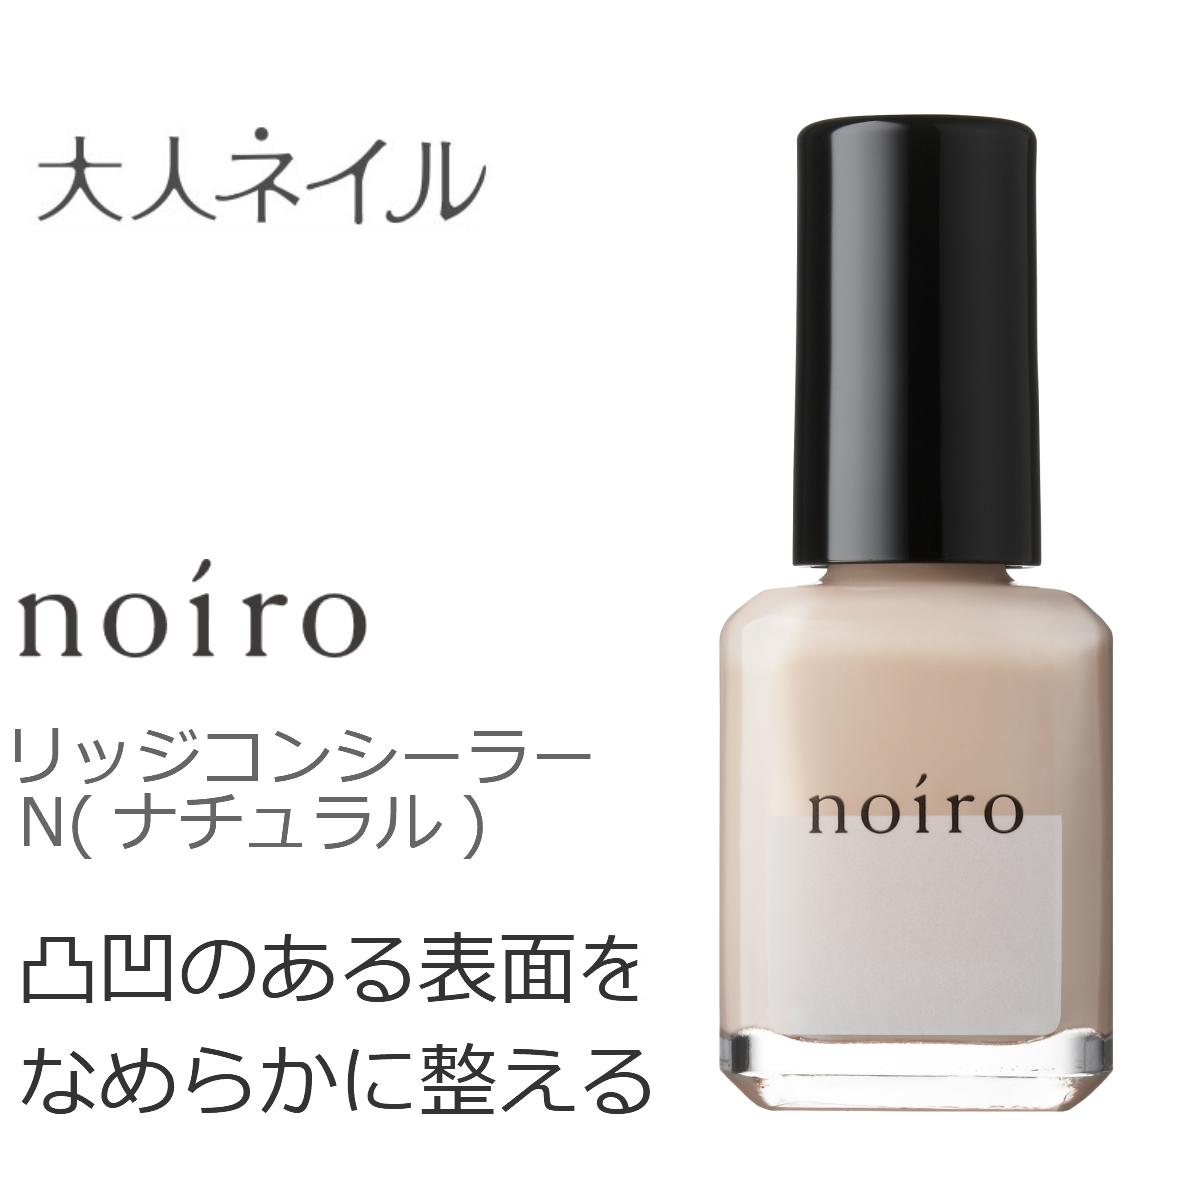 noiro ノイロ リッジコンシーラー N(ナチュラル) 11ml 爪に やさしい マニキュア セルフネイル ベースコート 凹凸 なめらか ナチュラル スキンカラー